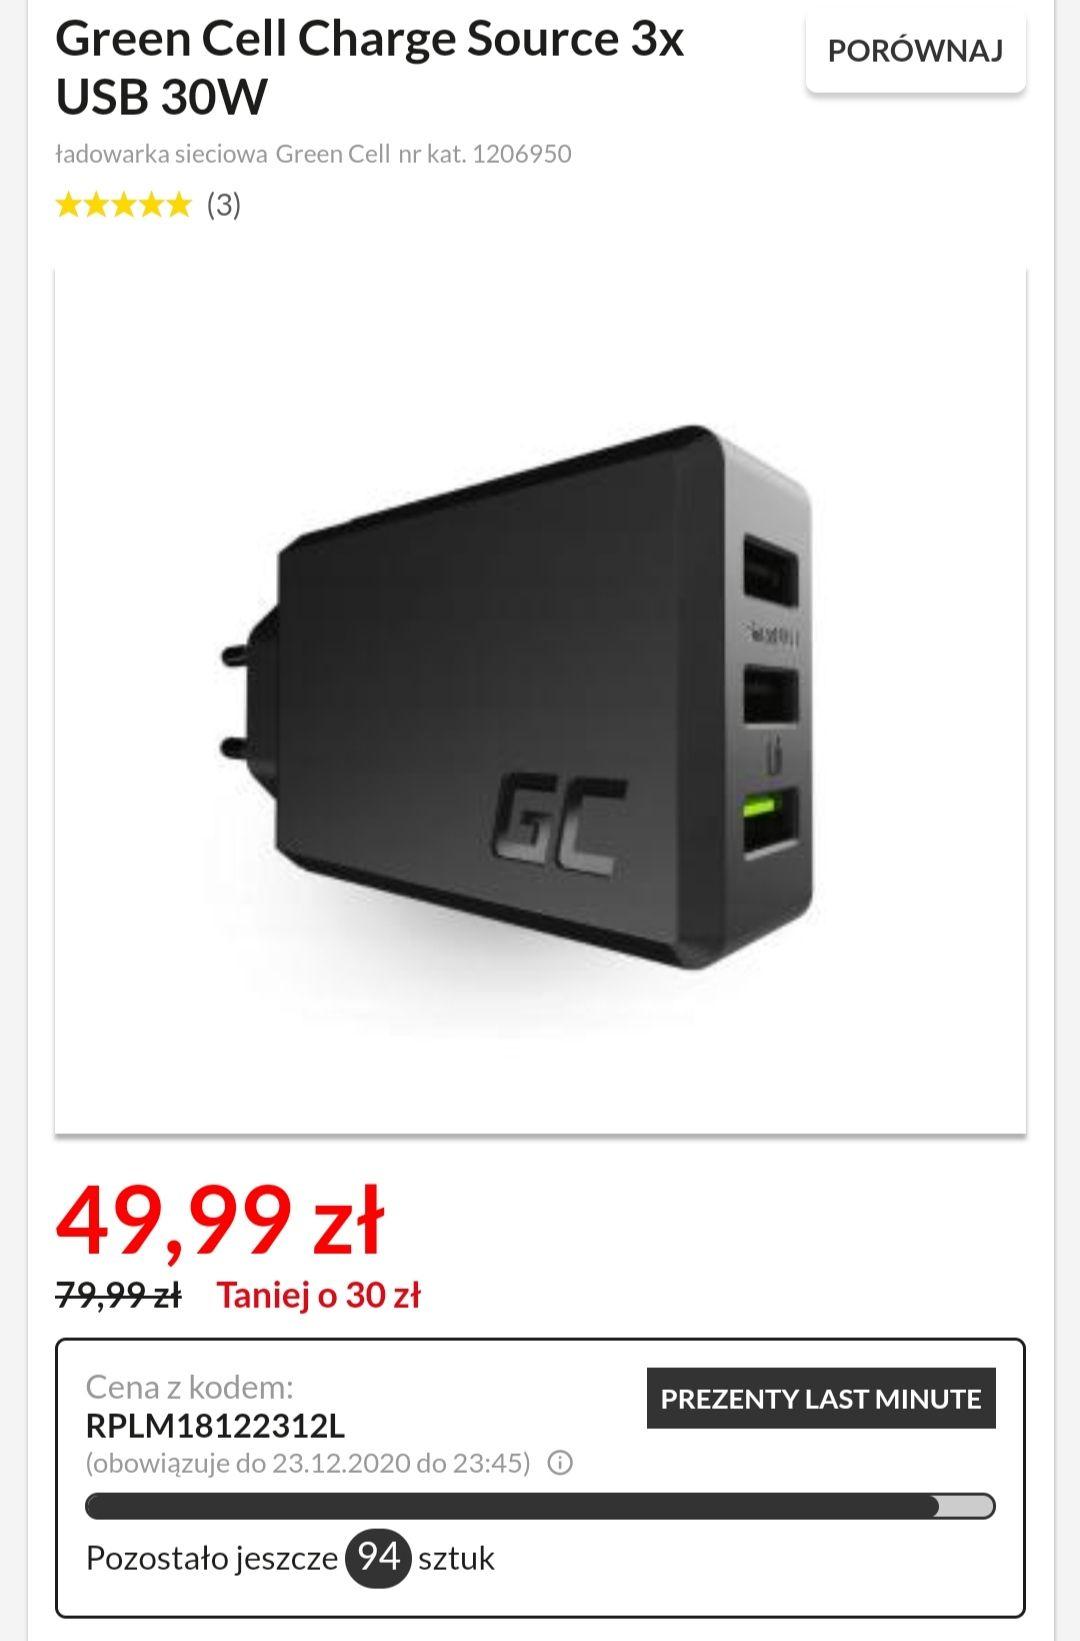 Ładowarka sieciowa Green Cell Charge Source 3x USB 30W